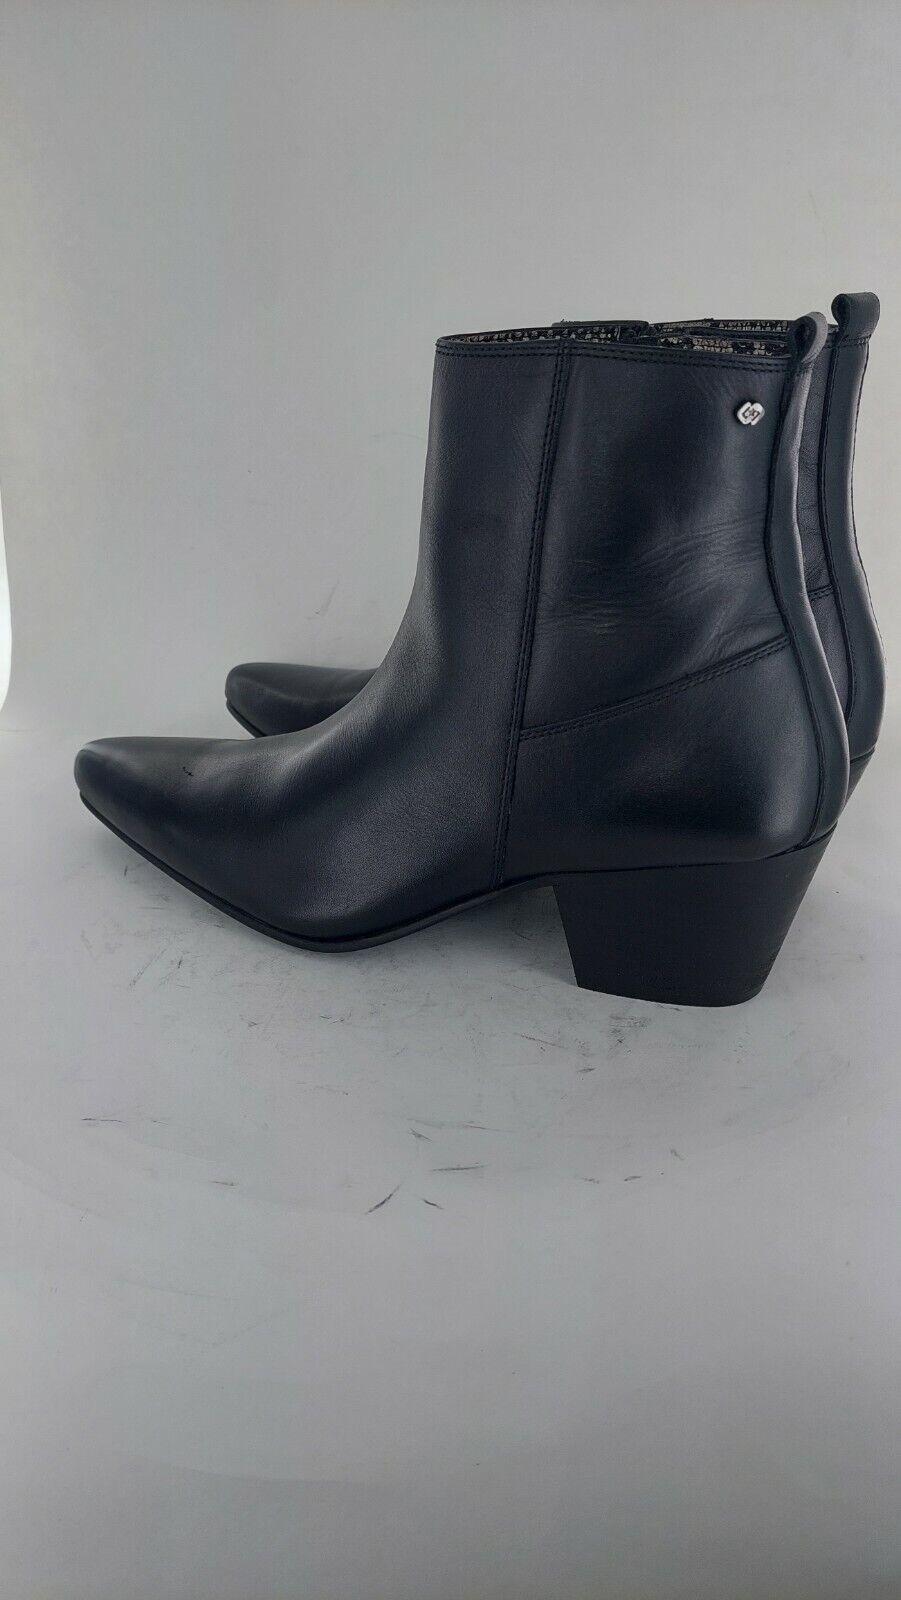 Club Cubano LENNON Mens Formal Leather Winklepicker Cuban Heel Boots Uk 8#780